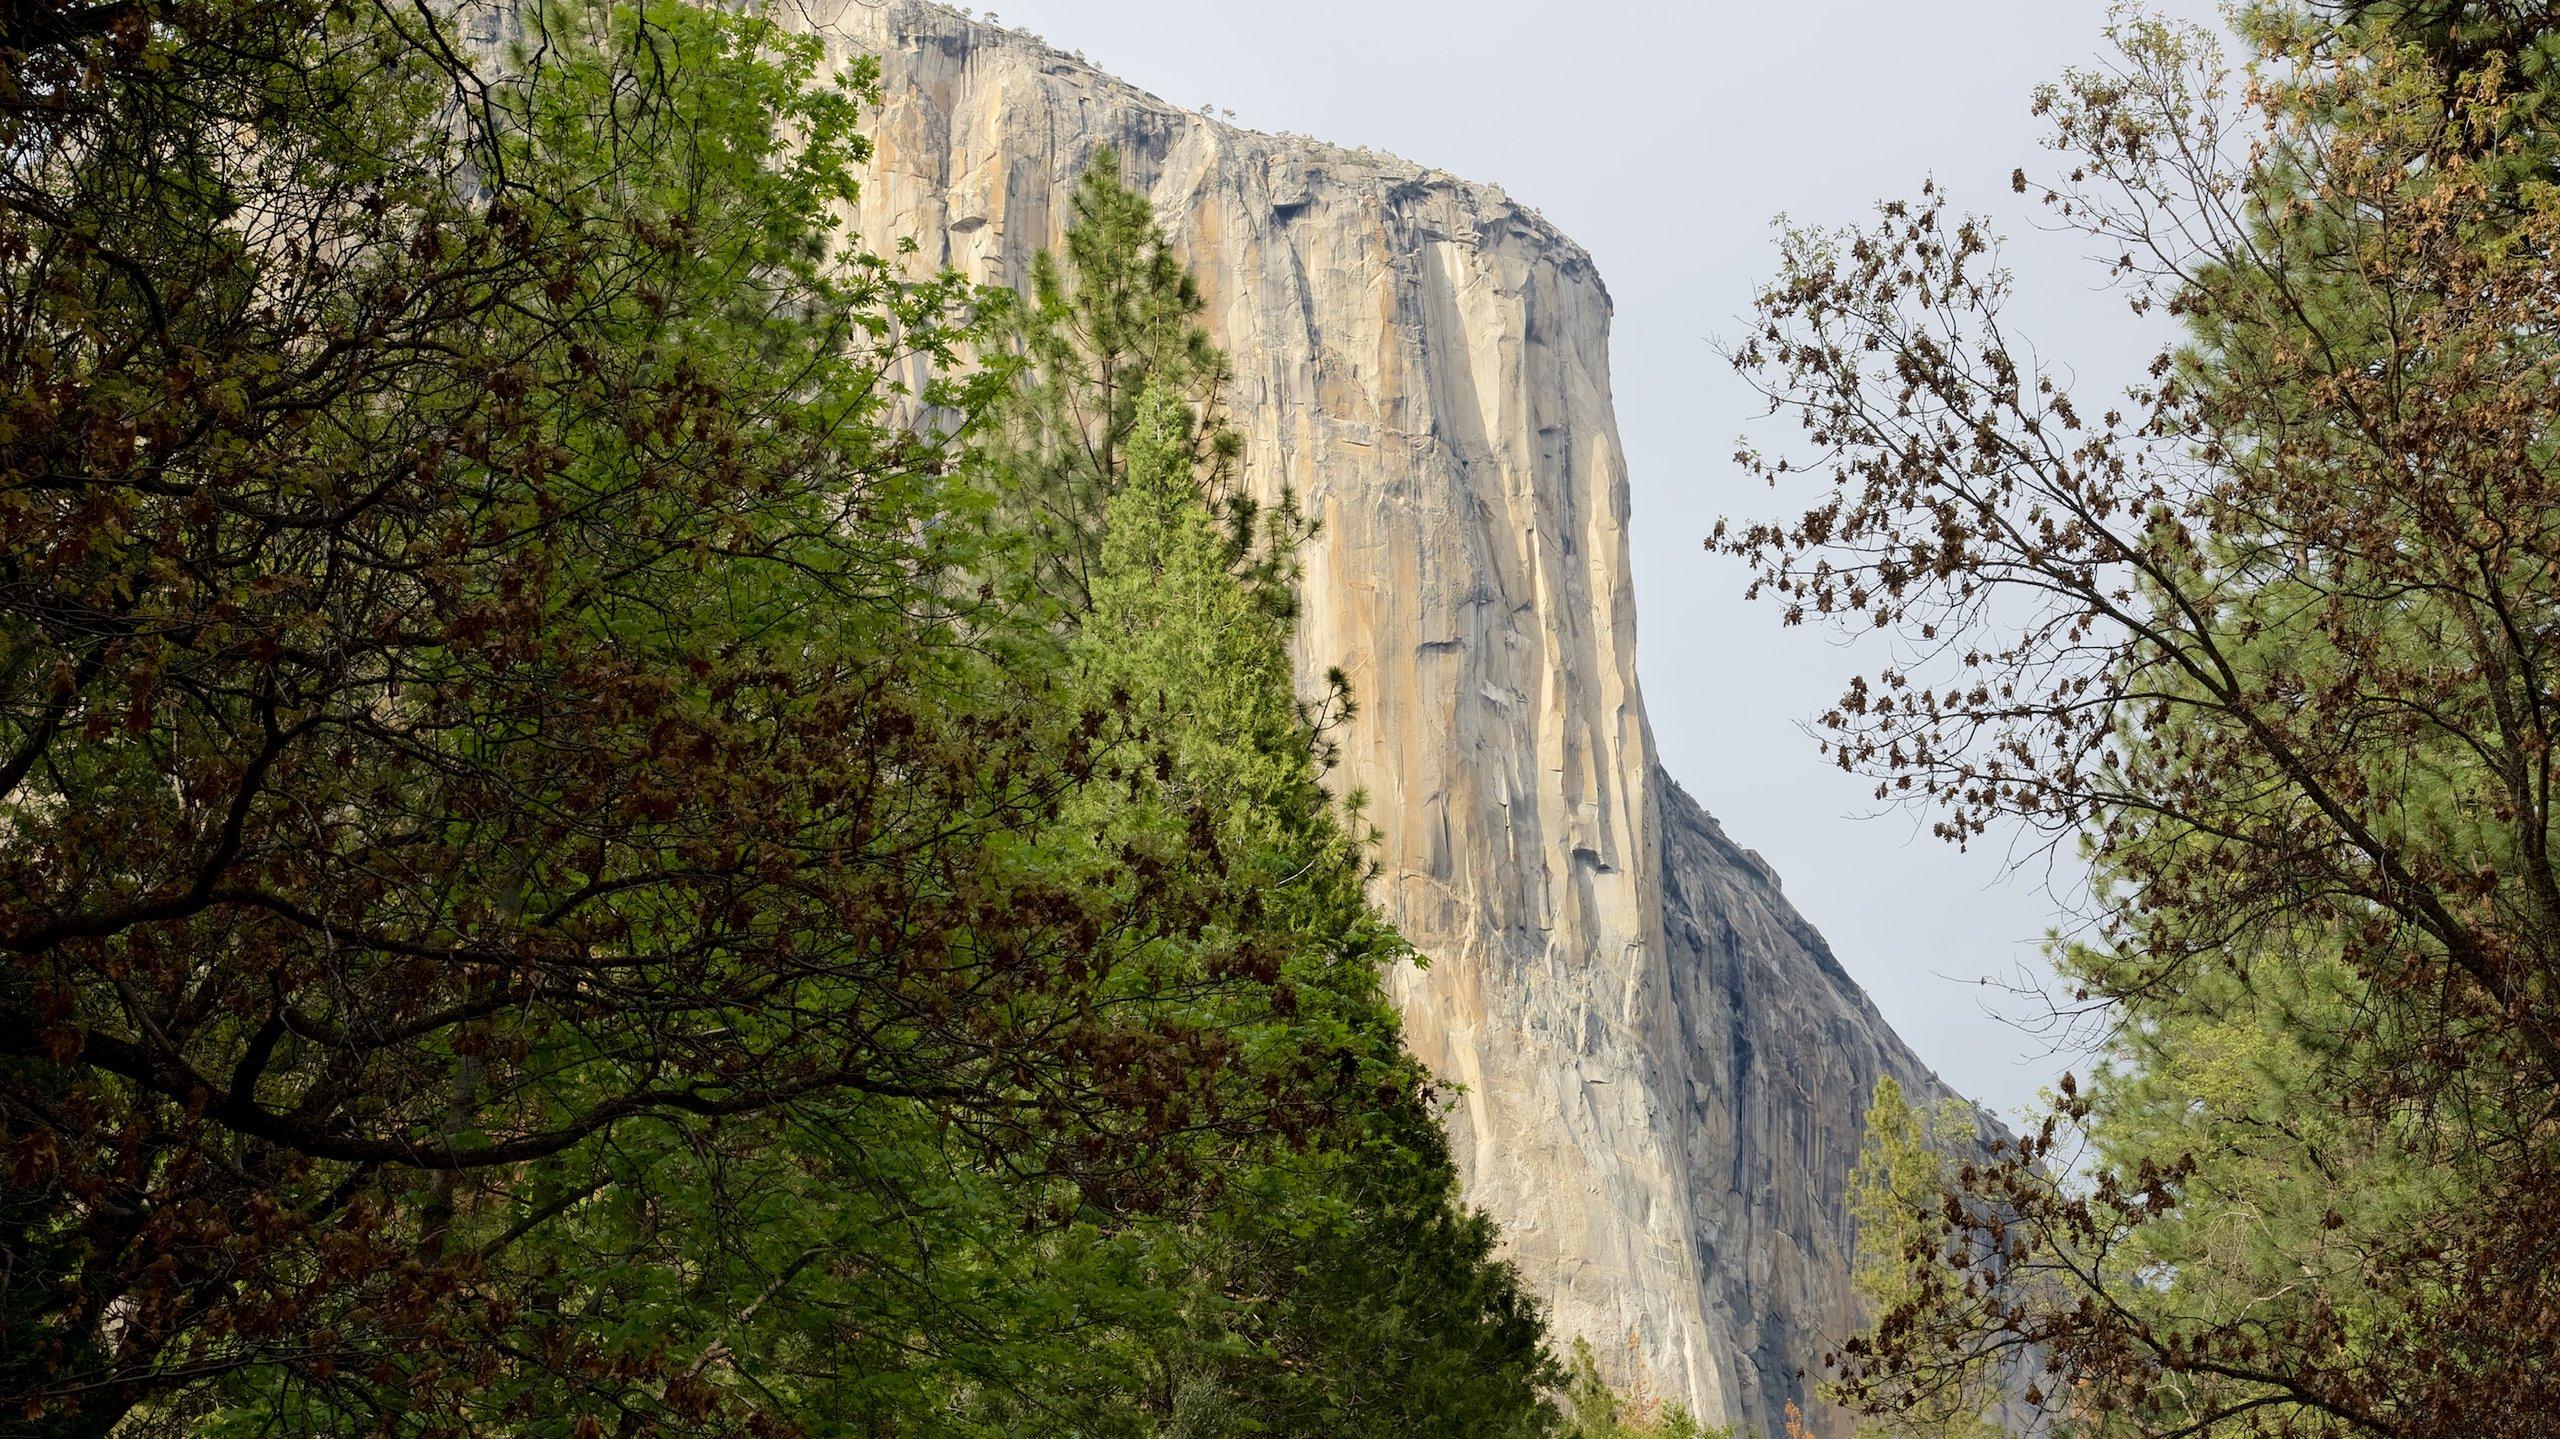 Veja a grandiosidade dos picos de granito formados por geleiras do Vale de Yosemite enquanto observa as incríveis formações e o cenário para escalada.